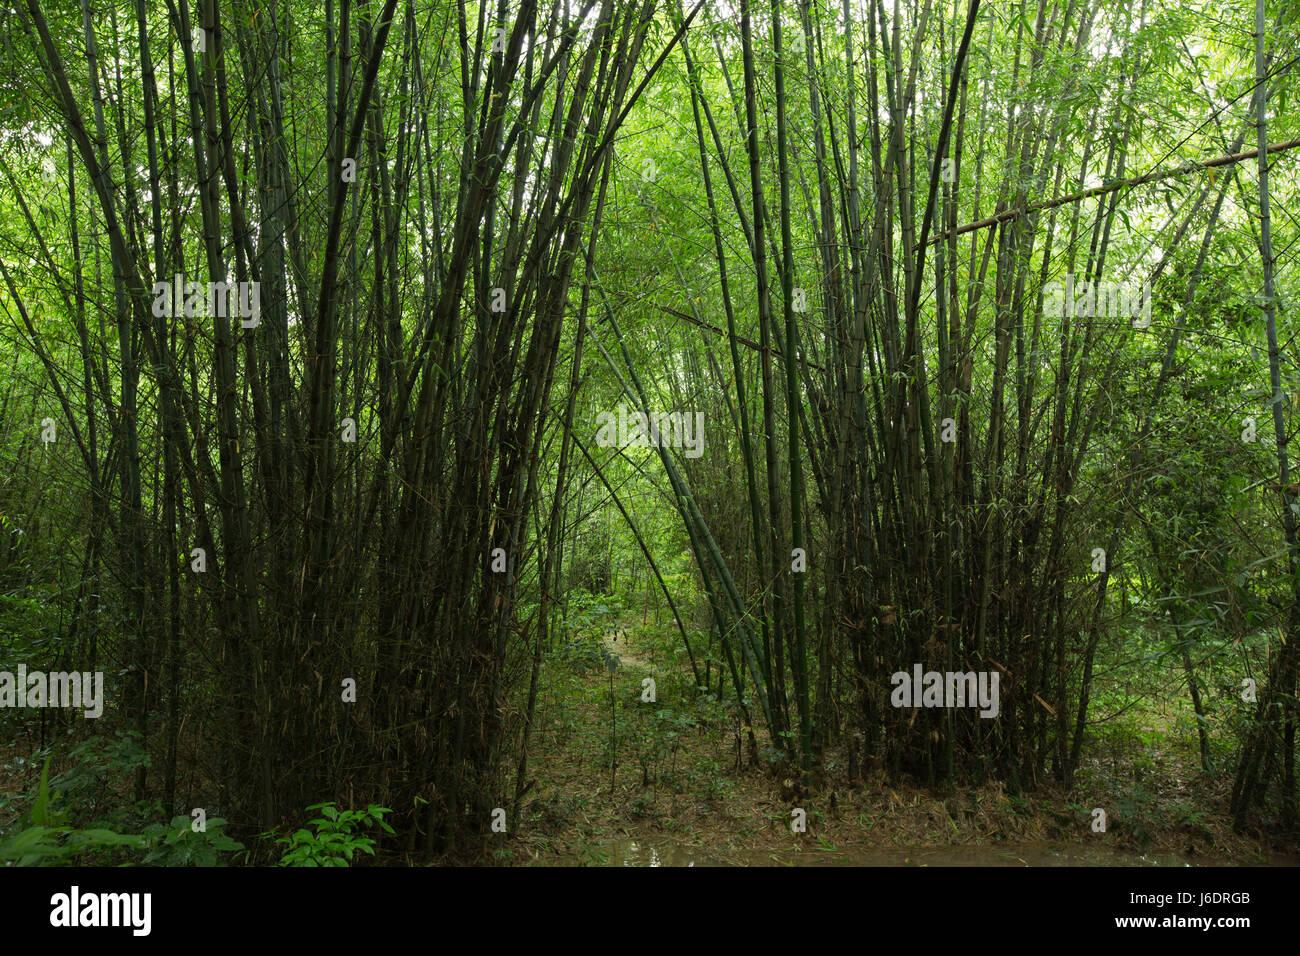 Bamboo plantation at Belabo. Narsingdi, Bangladesh. - Stock Image